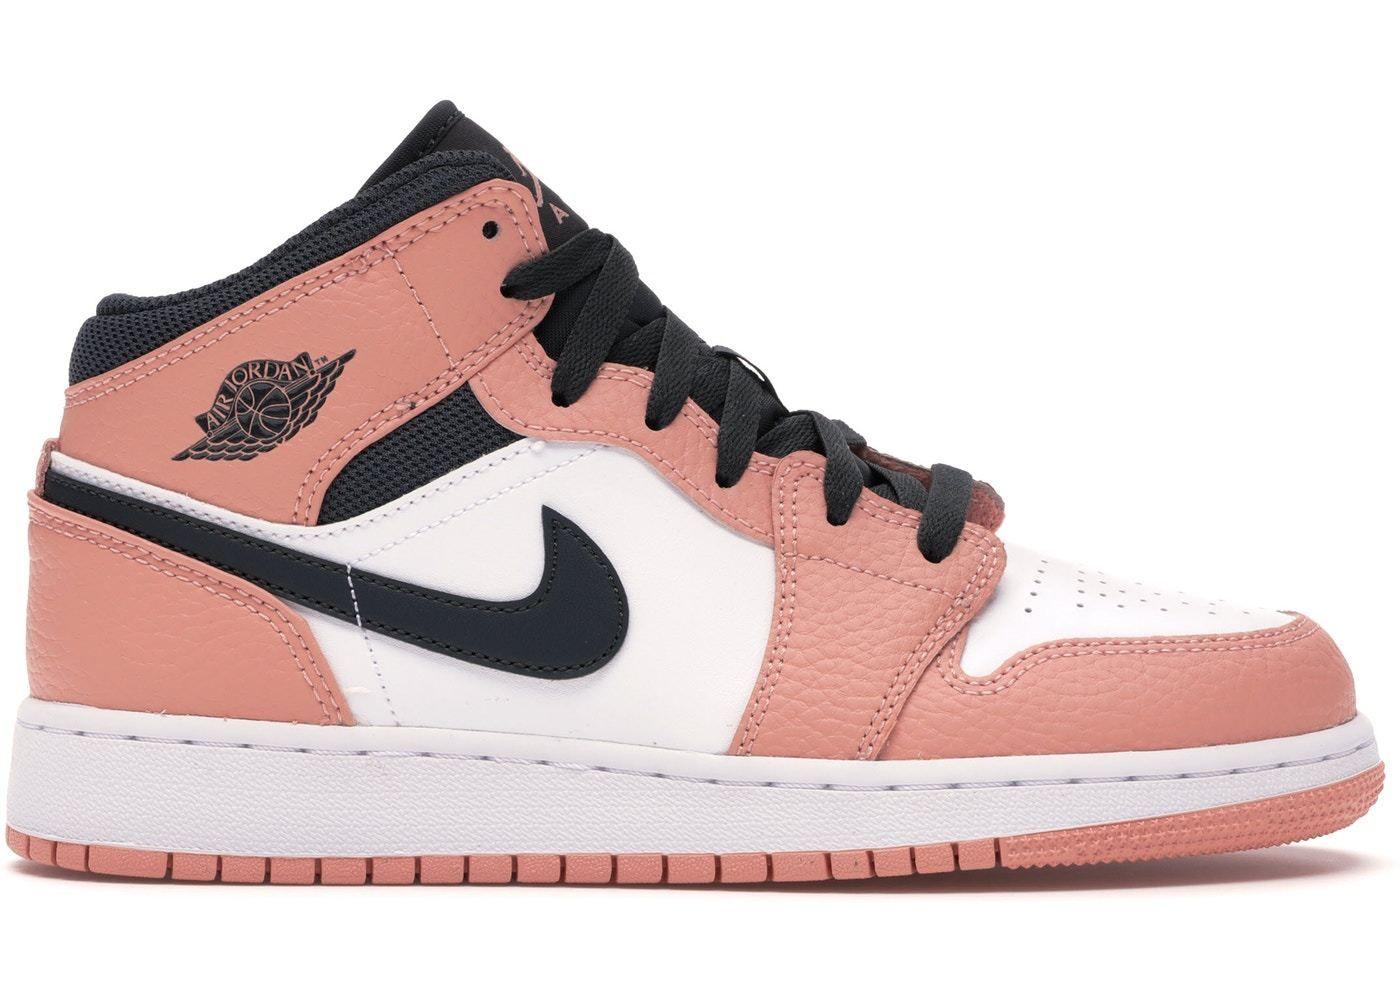 air jordan zapatillas nike mujer rosa